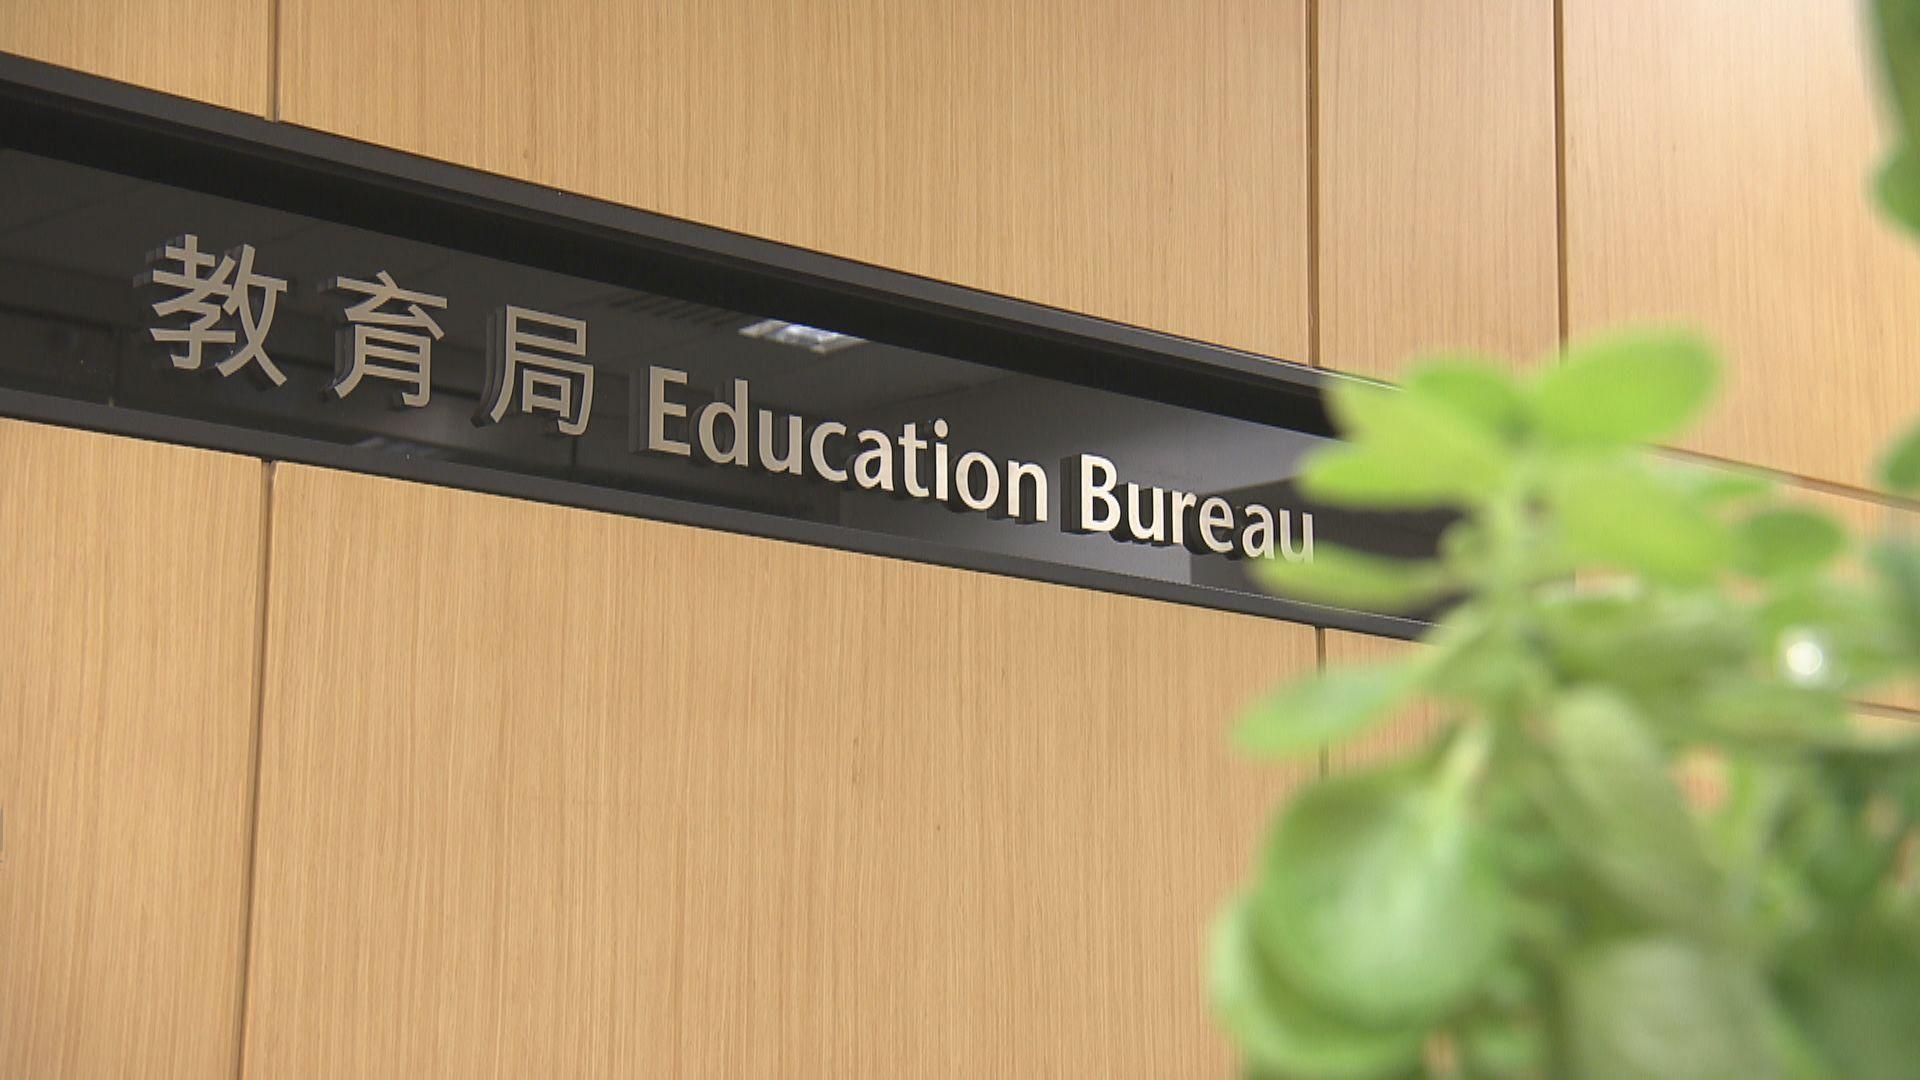 教育局:會盡快公布措施支援學生在家電子學習